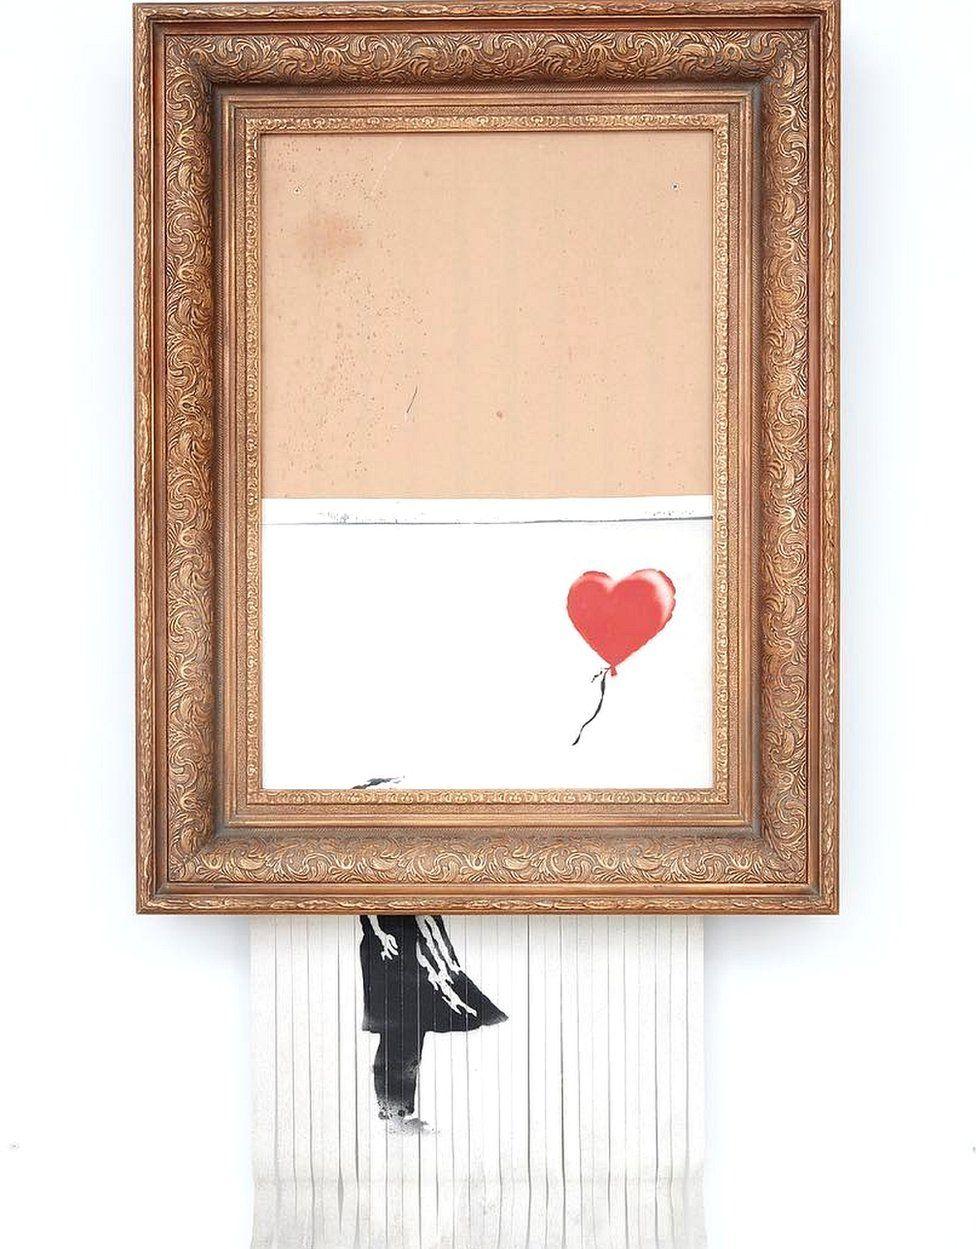 Love is in the Bin by Banksy